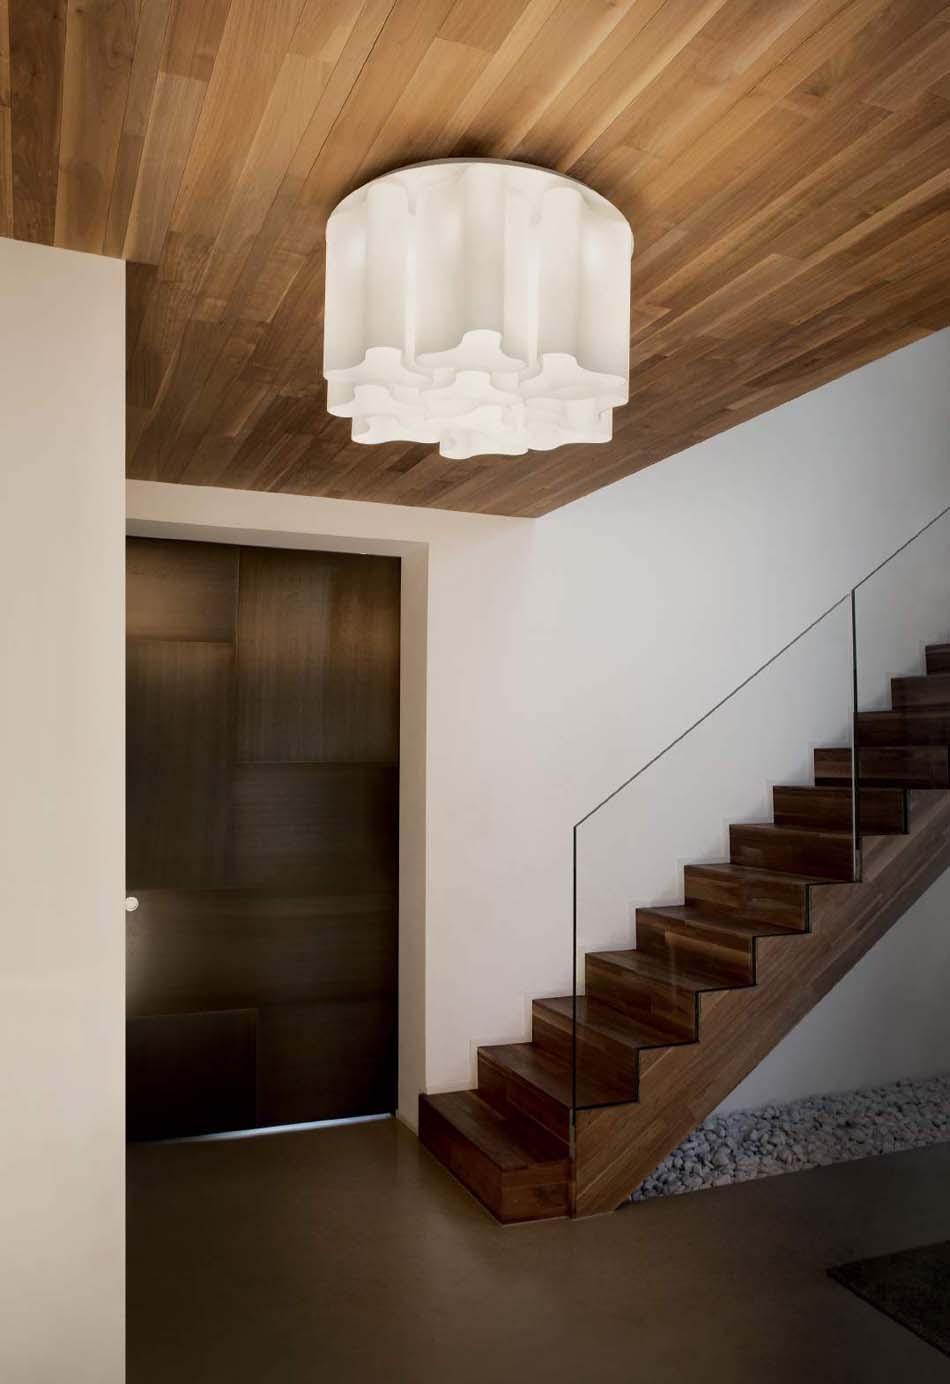 Lampade 25 soffitto parete Ideal Lux Compo – Toscana Arredamenti